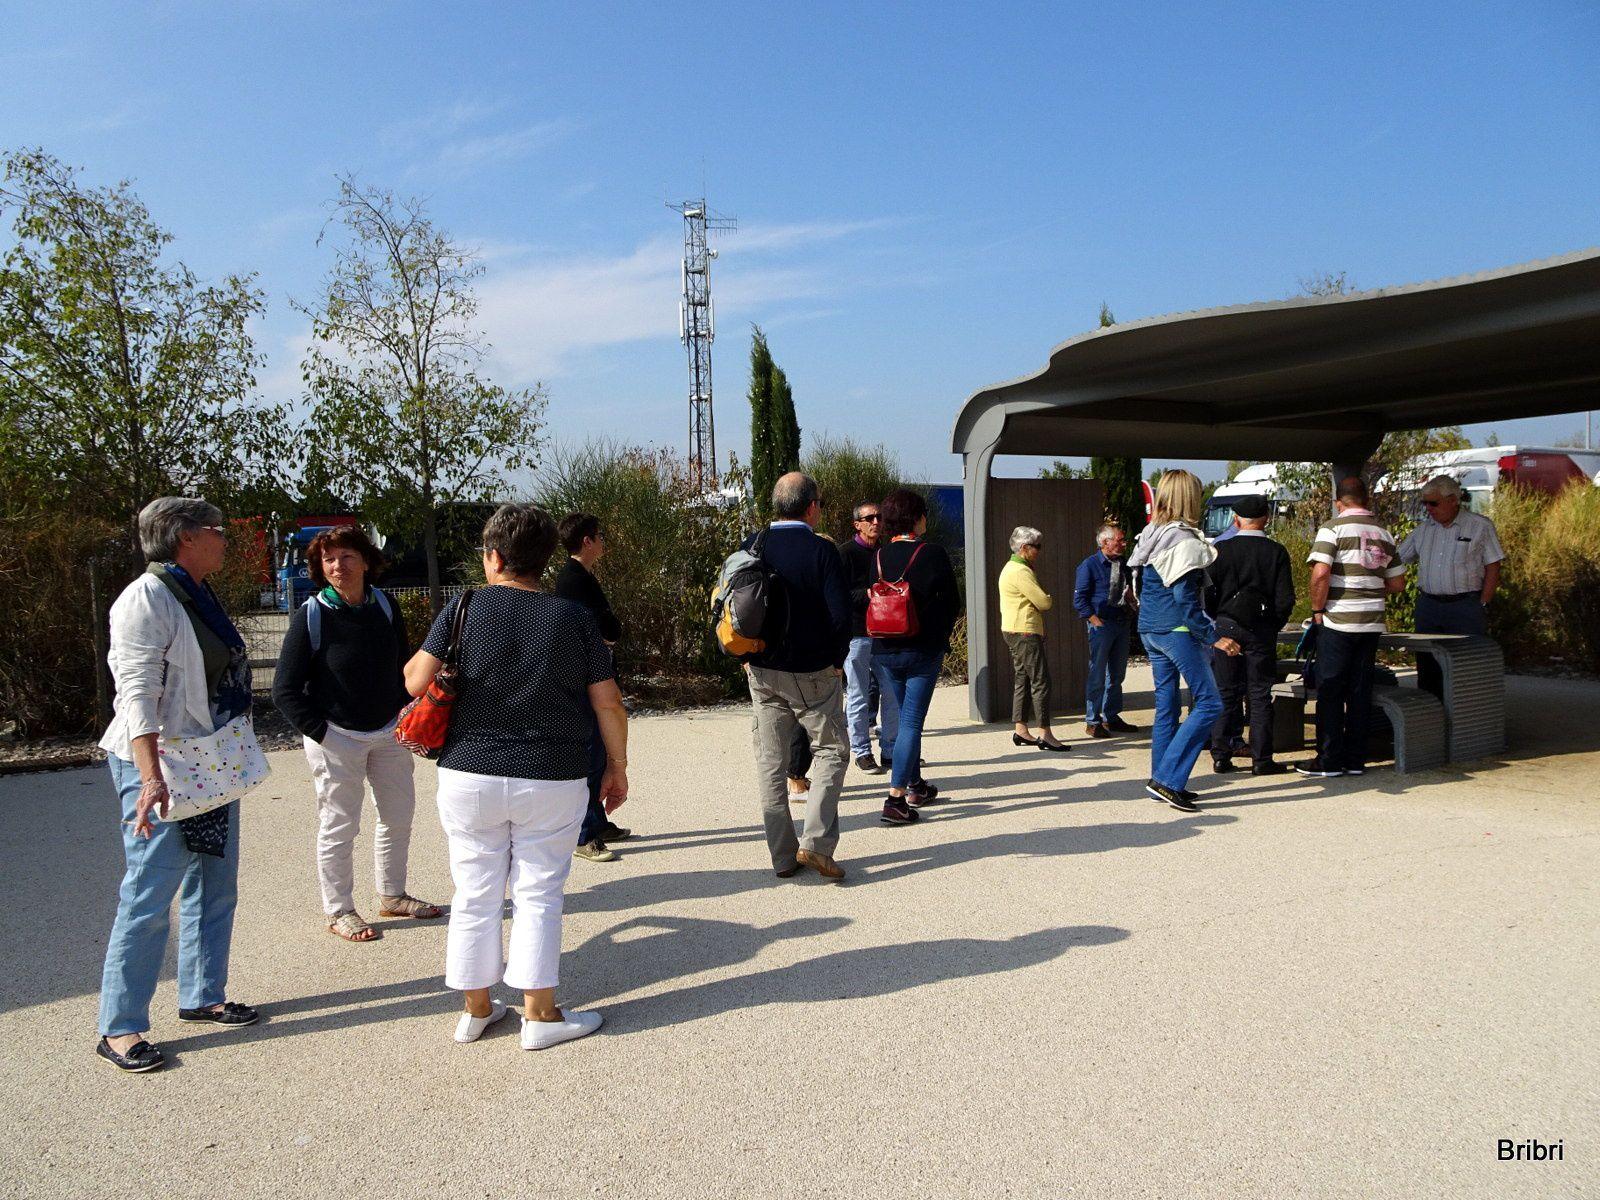 Changement de chauffeur à Valence et deuxième arrêt un peu plus tard.